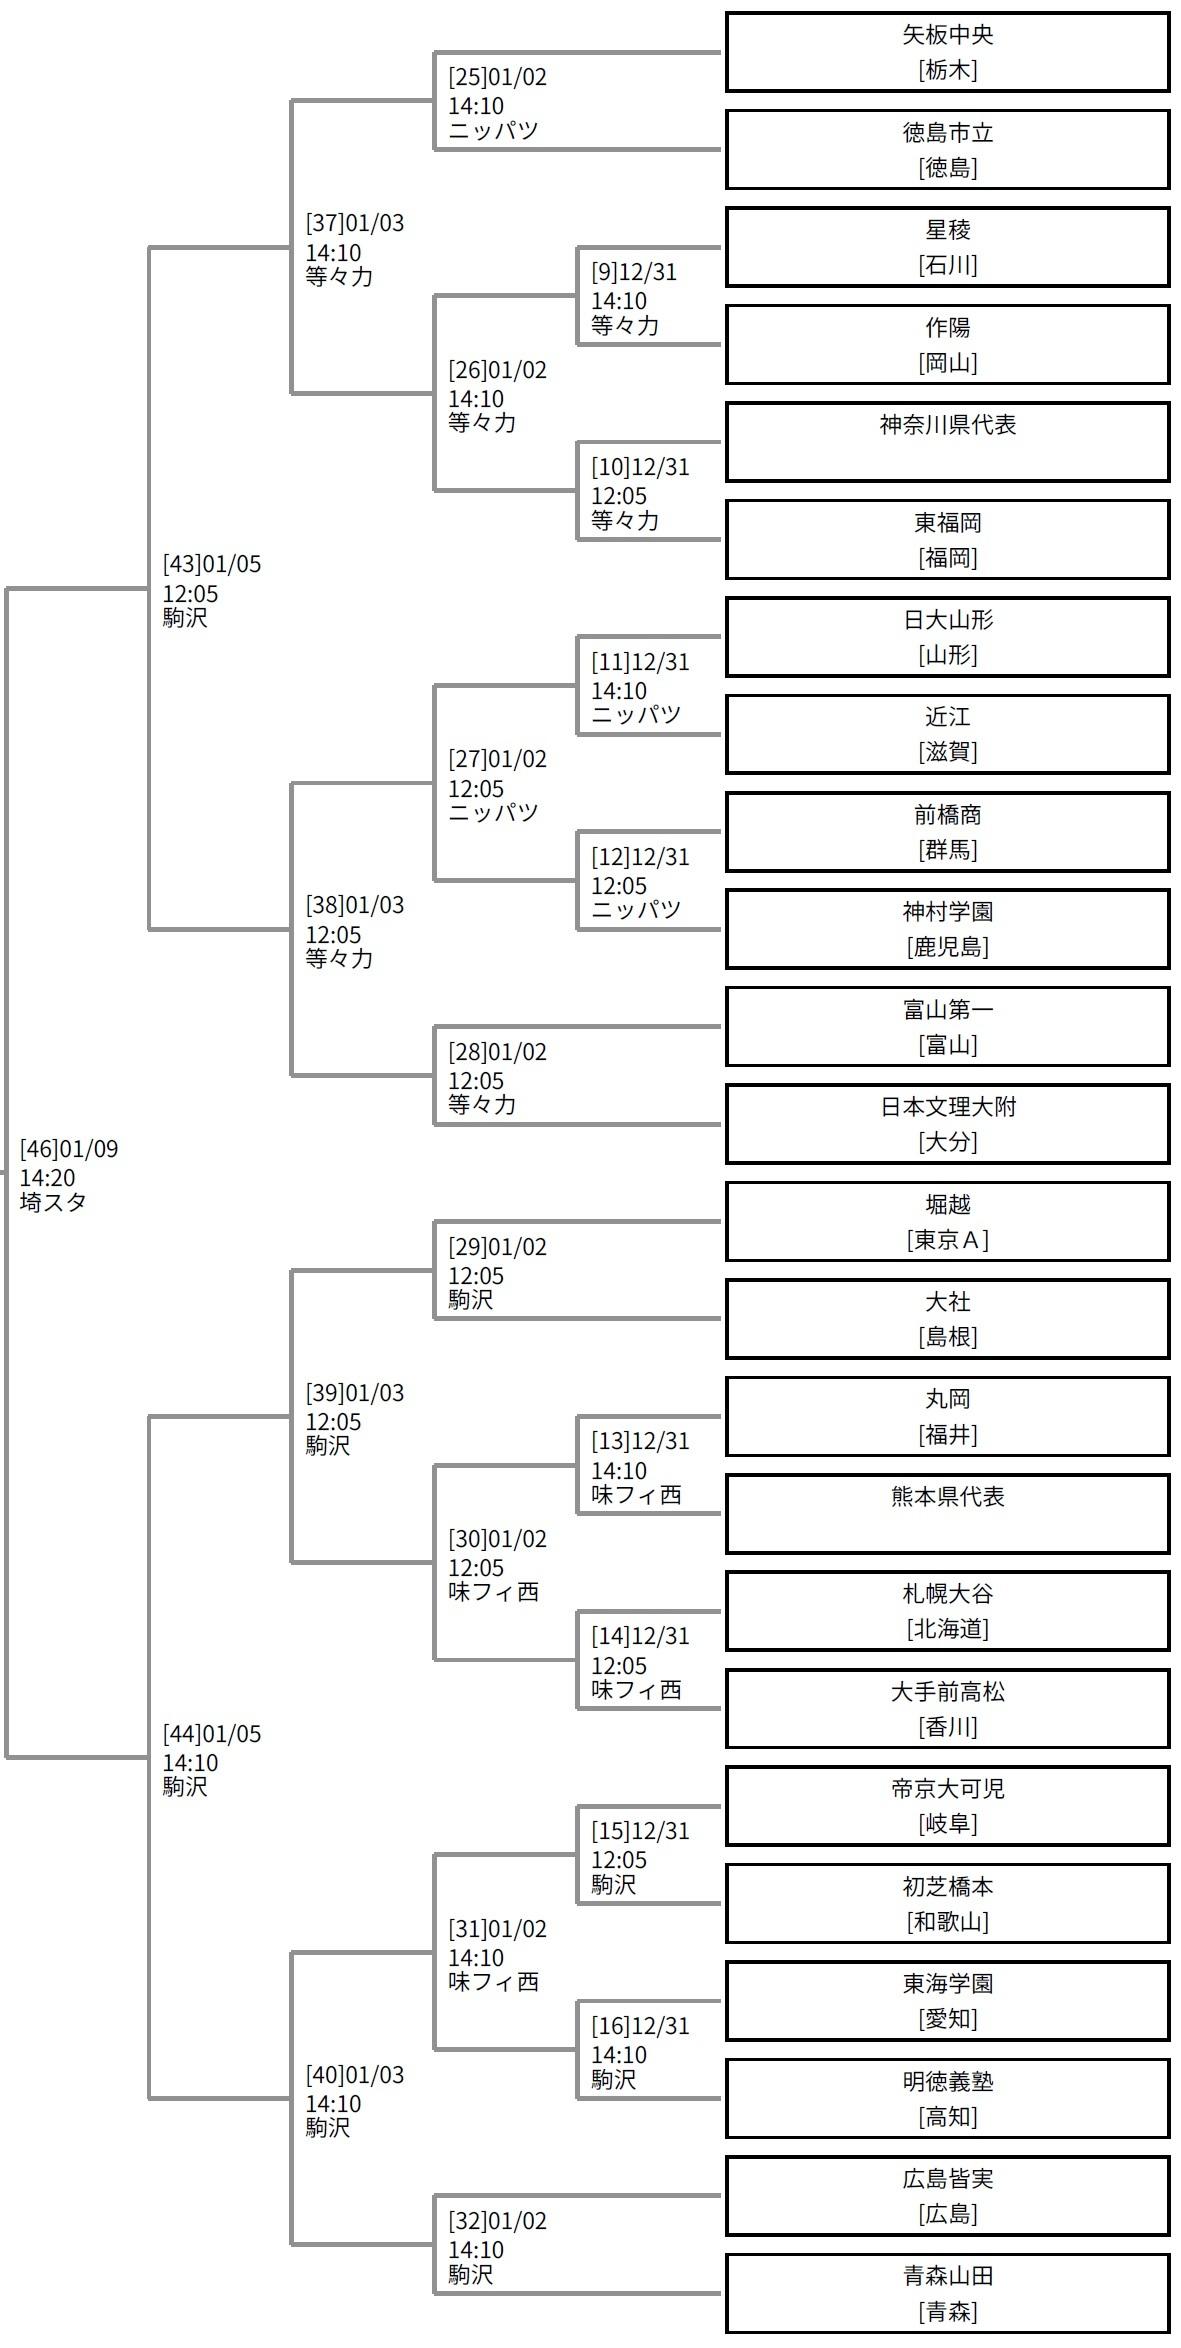 トーナメント表(一部拡大)